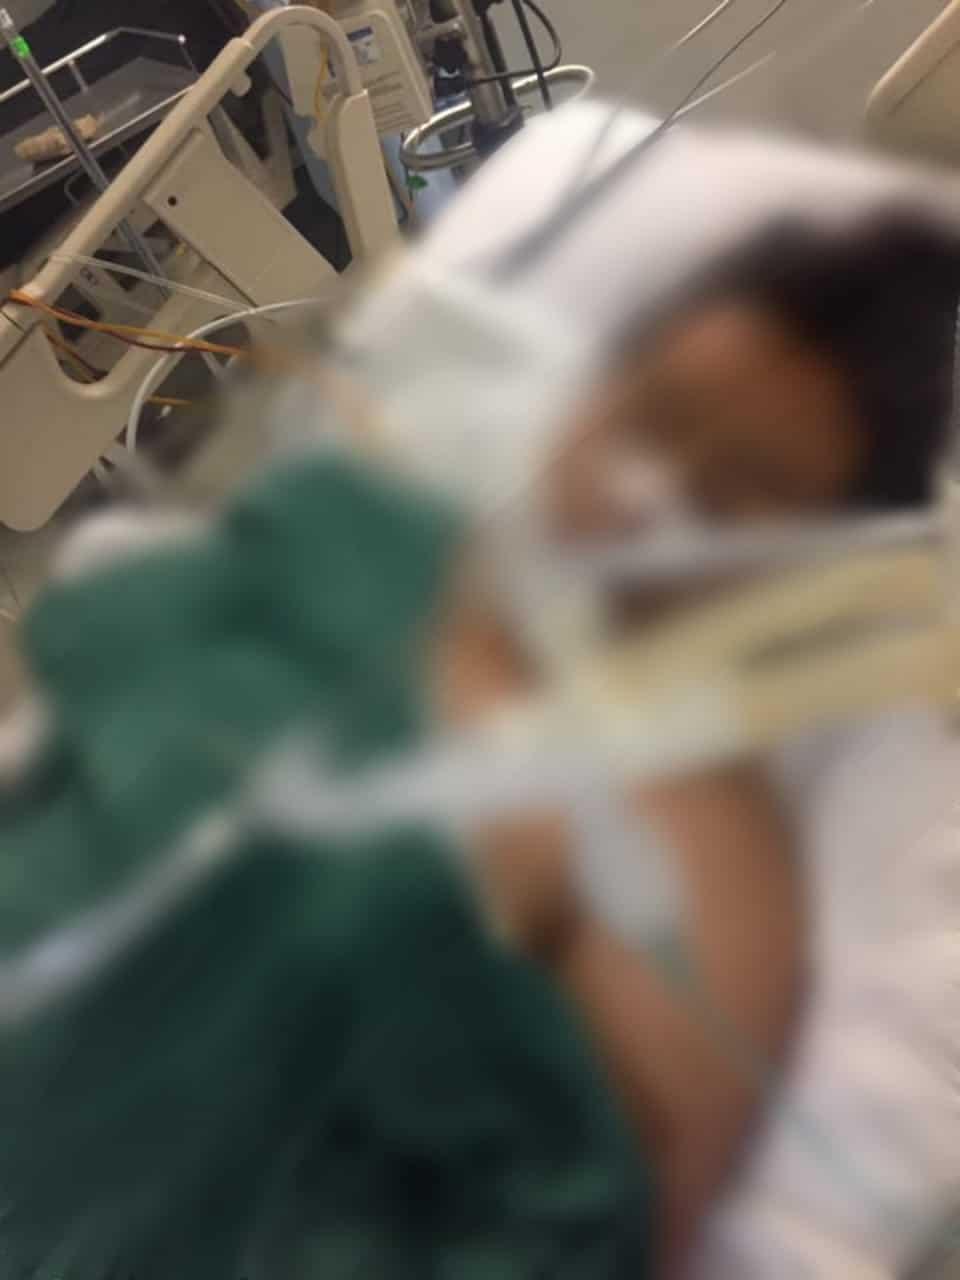 Mujer agonizó nueve días tras golpiza, su familia clama justicia